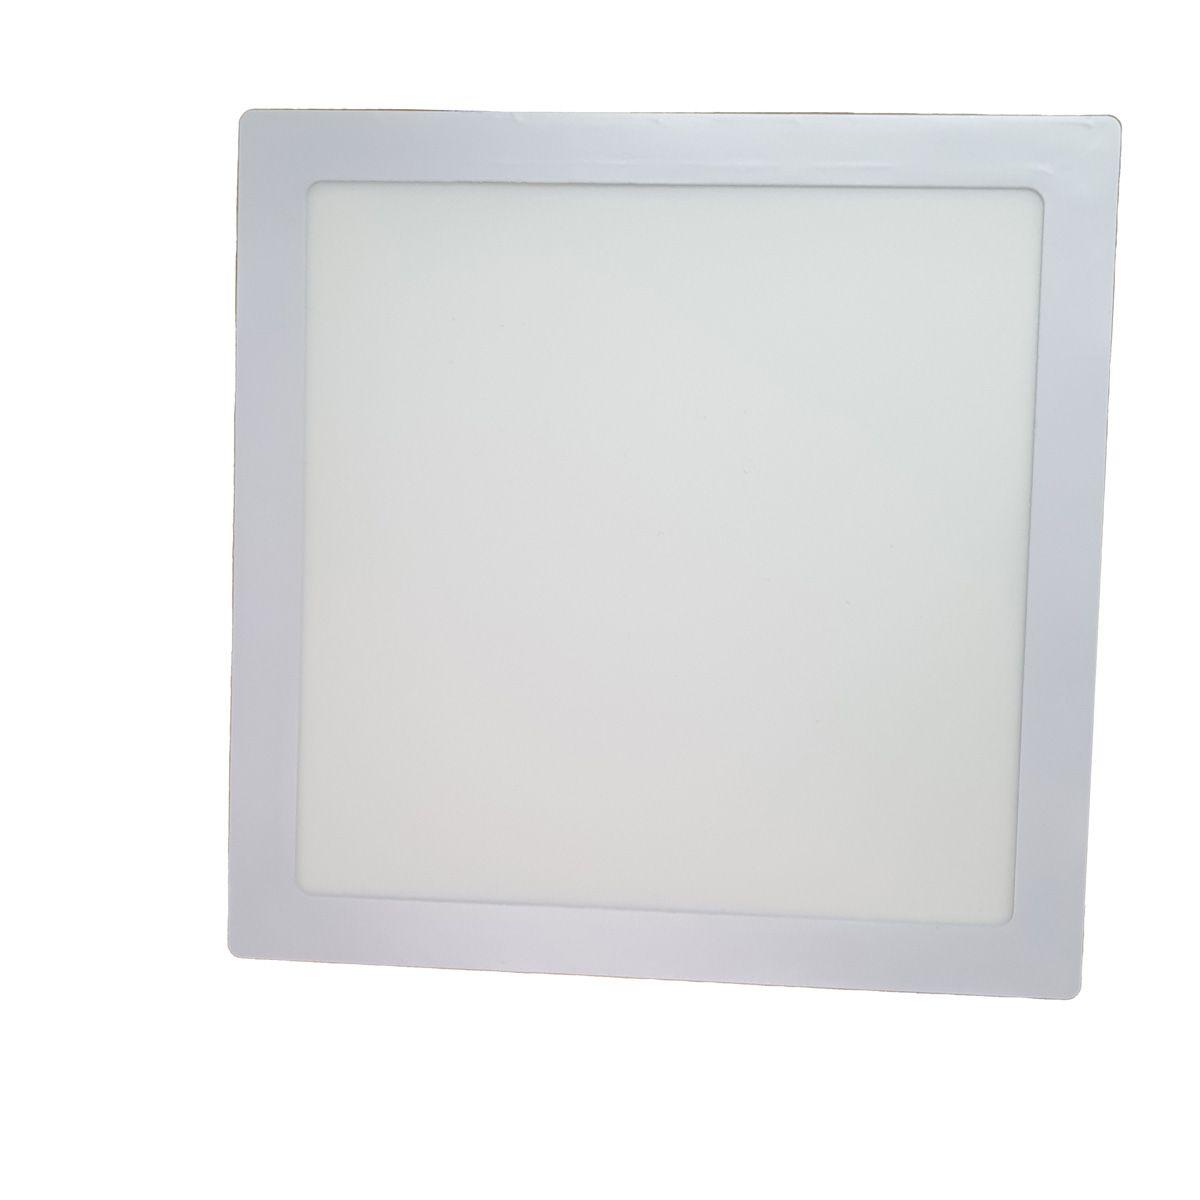 Painel Plafon Led 24w Quadrado Luminaria Embutir Branco Luz Fria